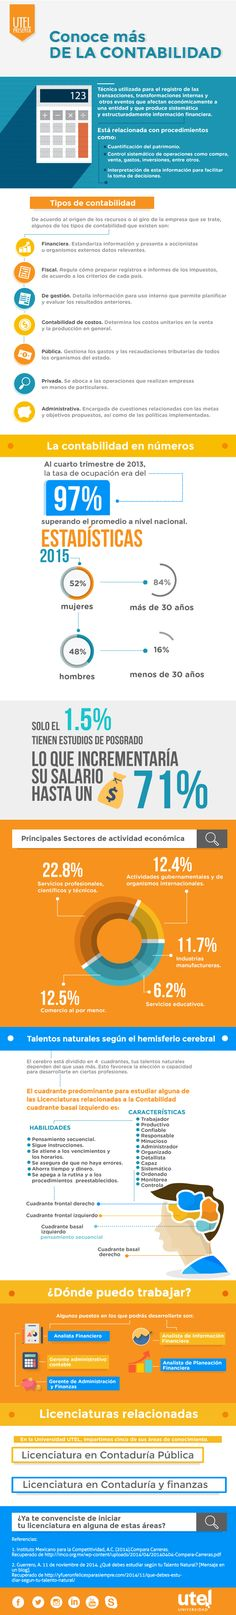 Descubre la importancia que tiene cada una de las áreas de la Contabilidad.  #UniversidadUTEL #Infographic